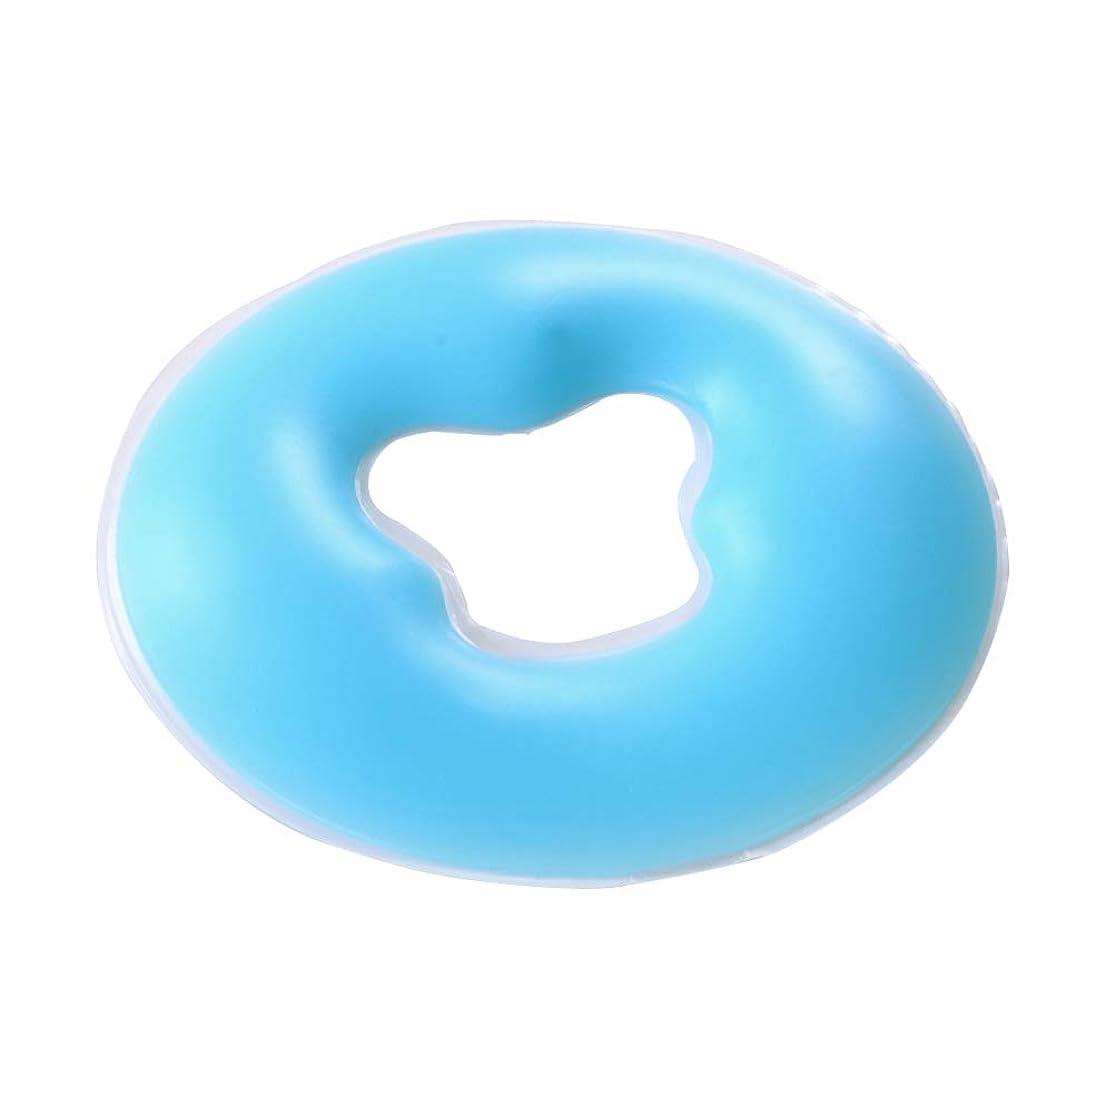 明らかボーナス通信網HEALLILY Face Massage Pillow Silicone Massage Face Spa Pillow Pad for Beauty Salon Spa Massage Parlors (Blue)